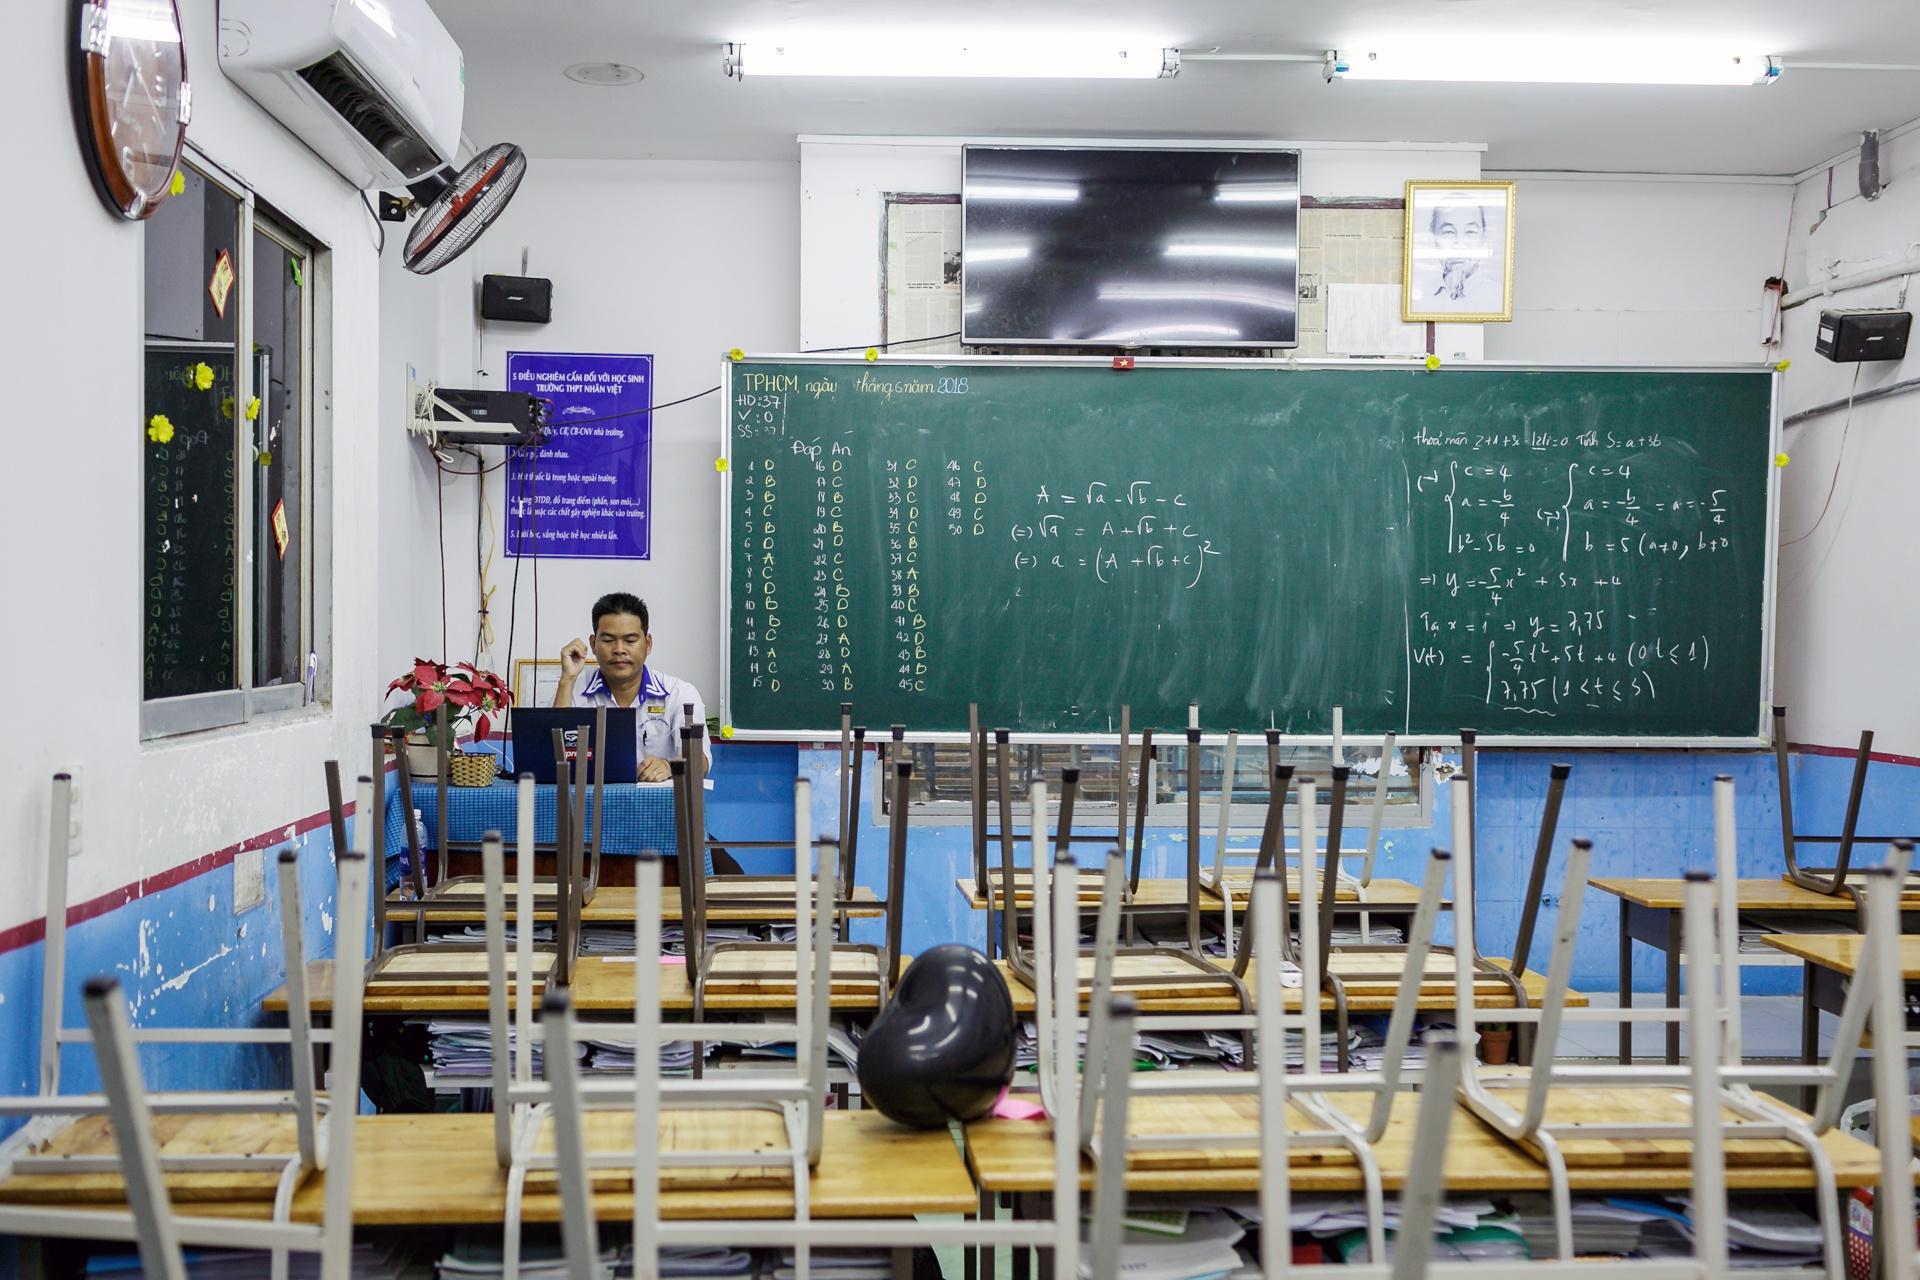 Quay cuong chinh phuc giang duong dai hoc hinh anh 31